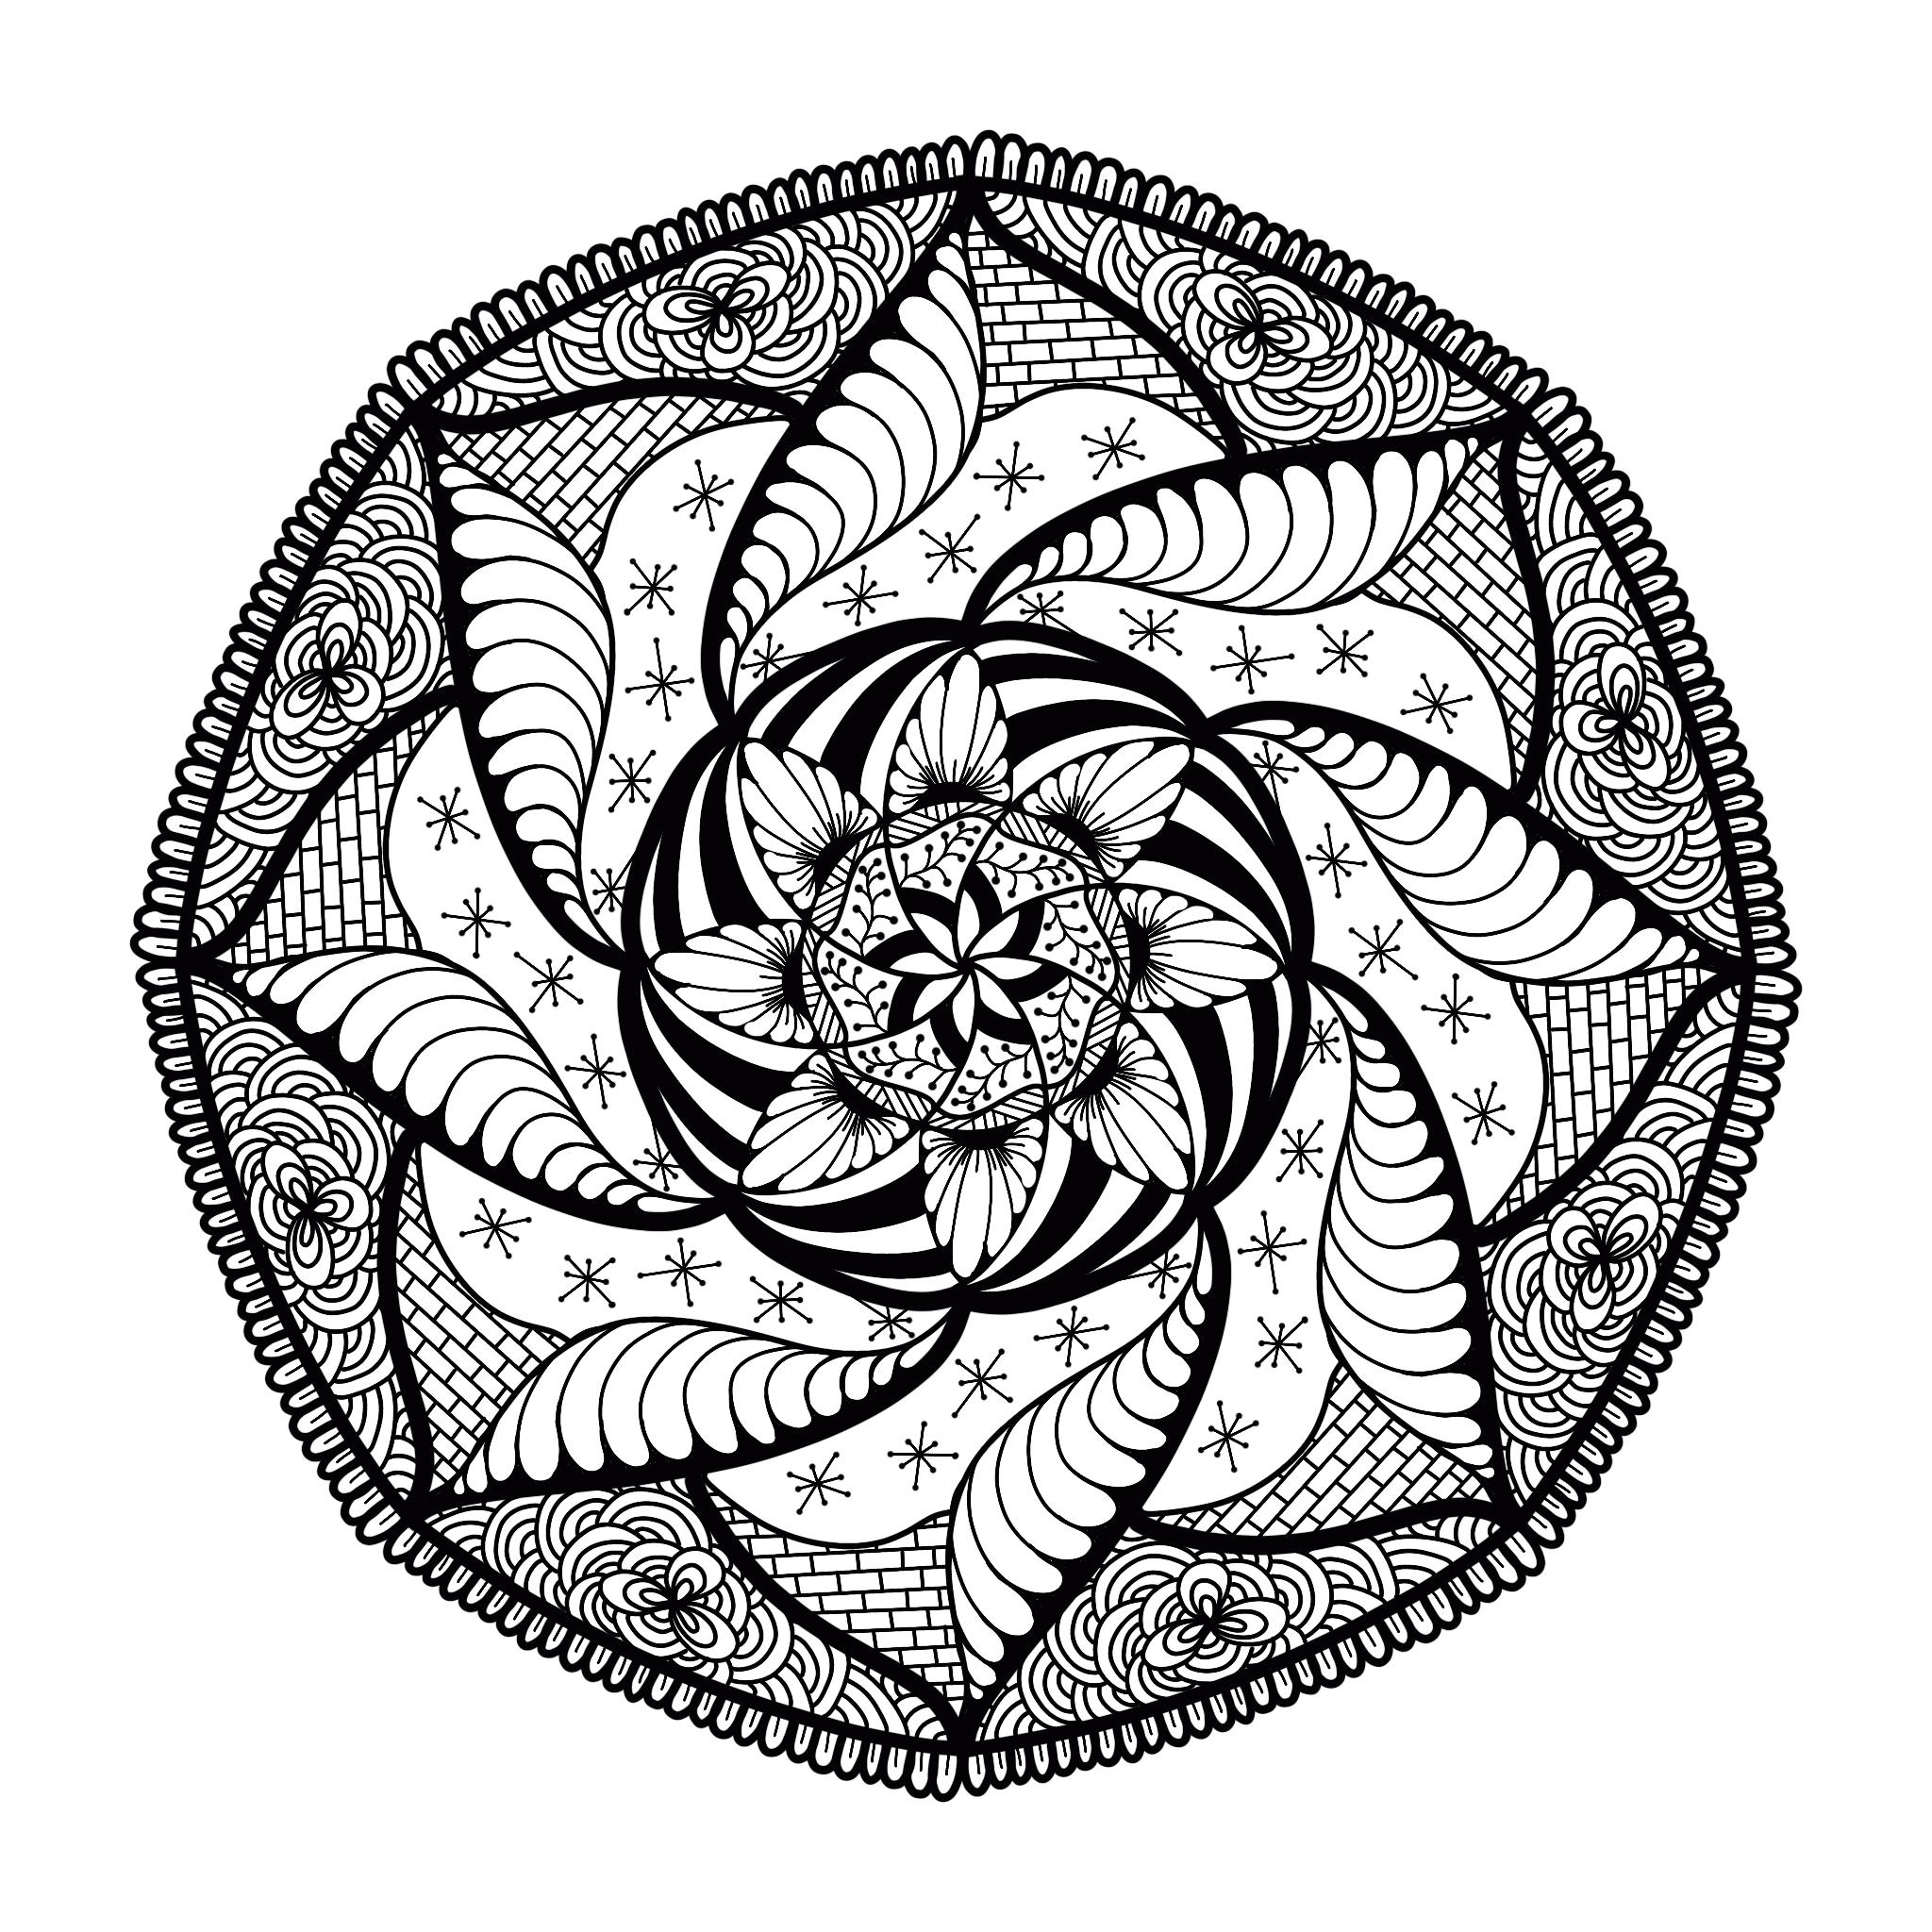 Mandala_69